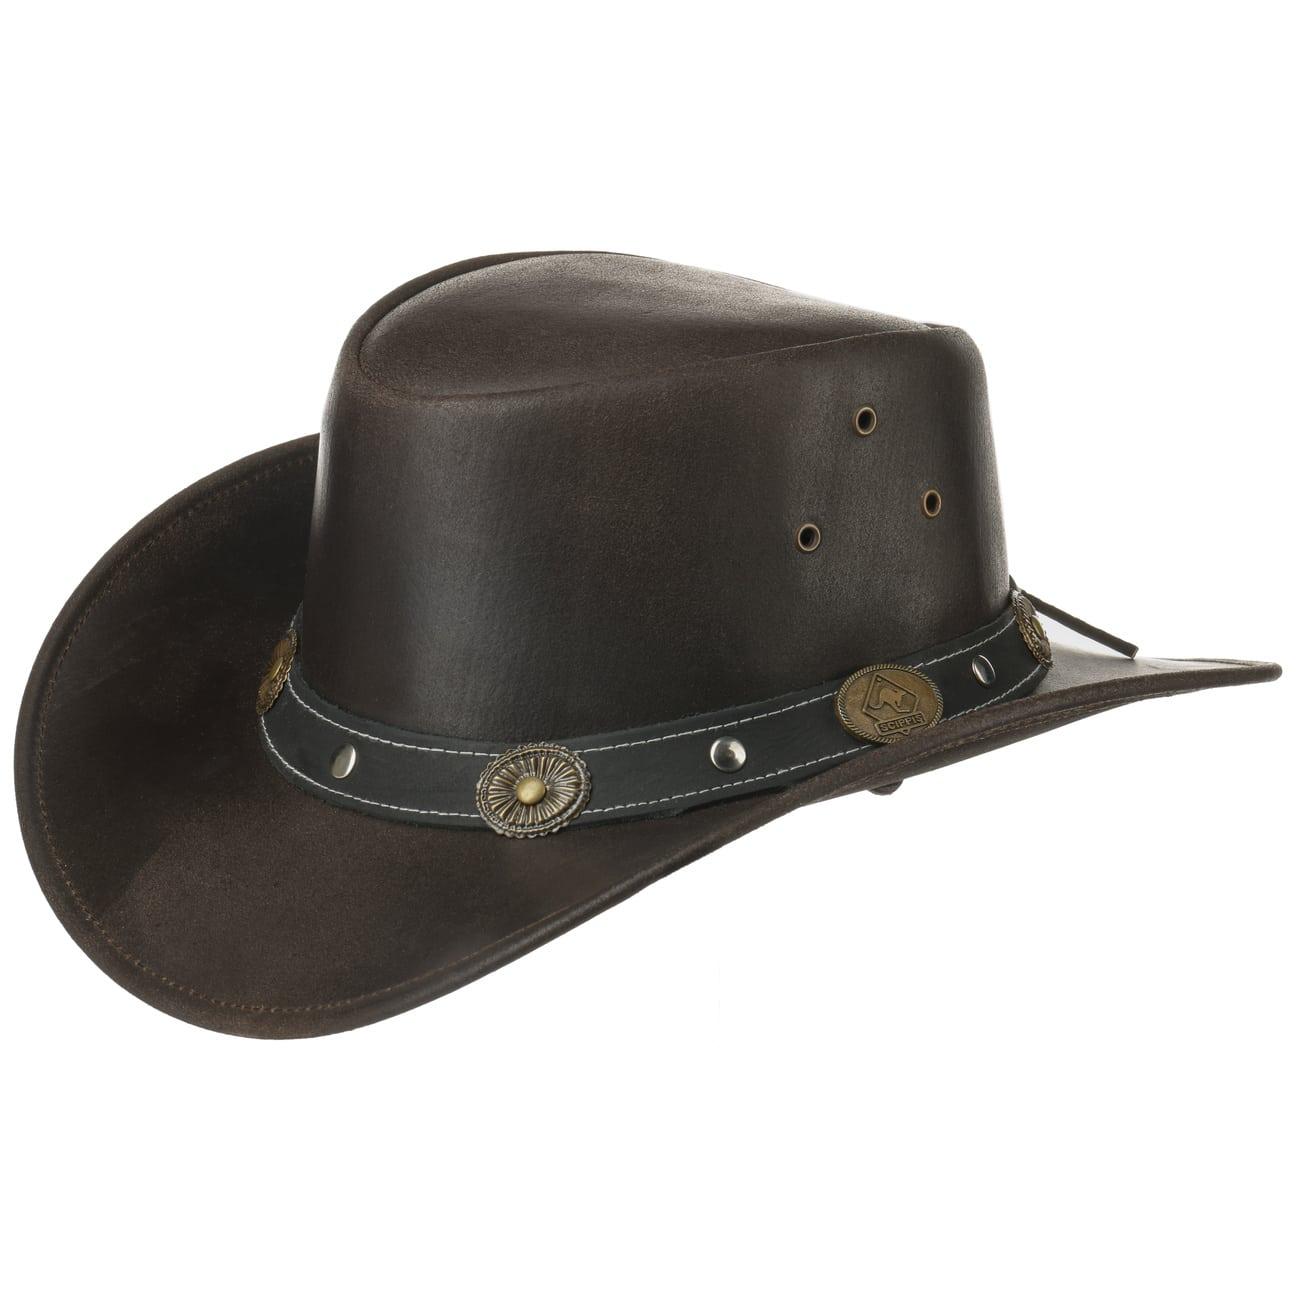 Sombrero de Piel Elreno by Scippis  piel natural